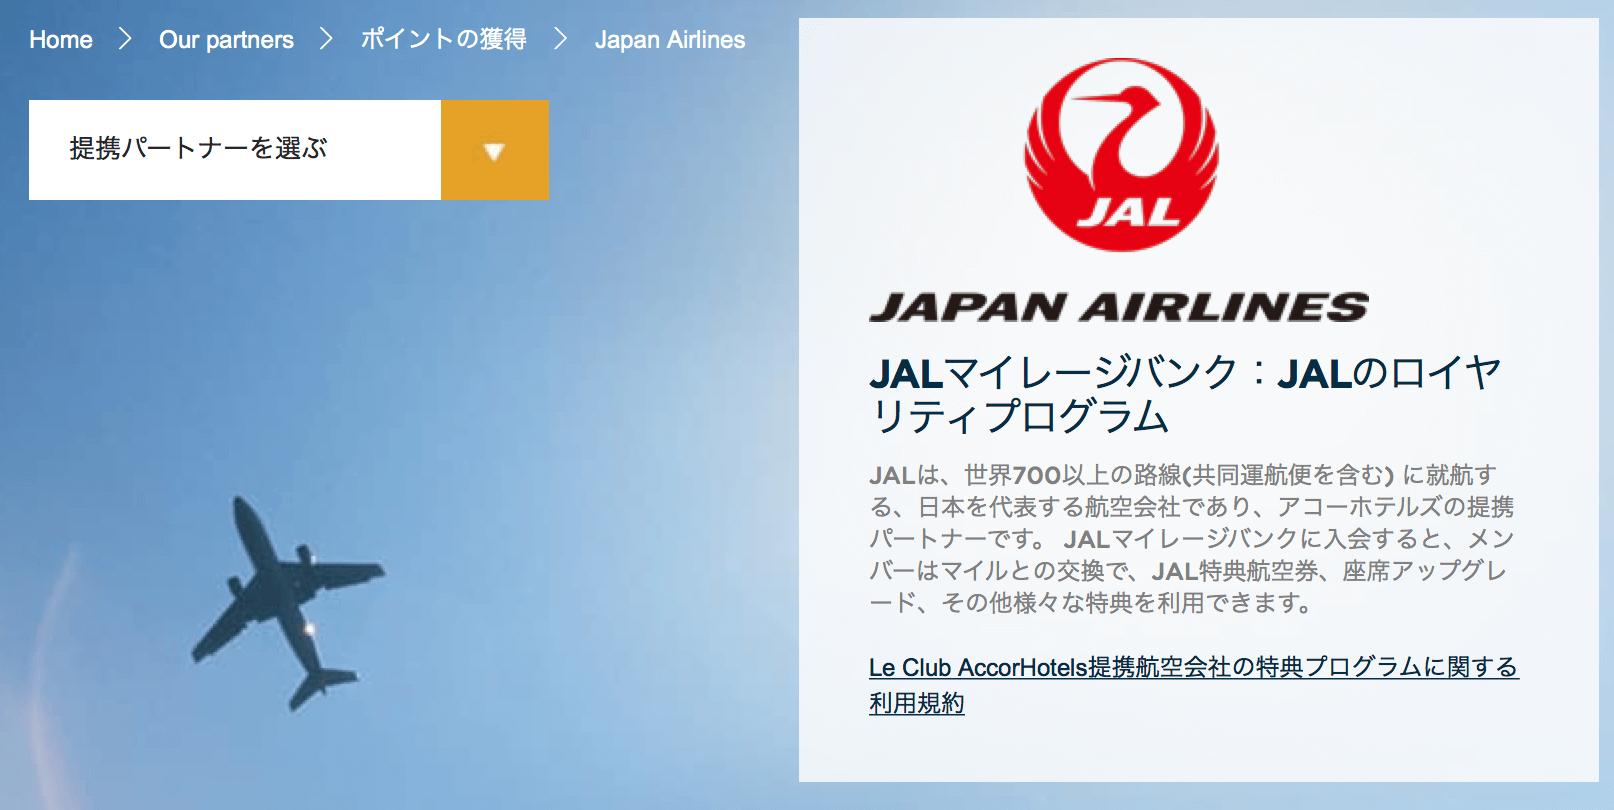 アコーホテルズのポイントが日本航空(JL)のマイレージへ移行可能に